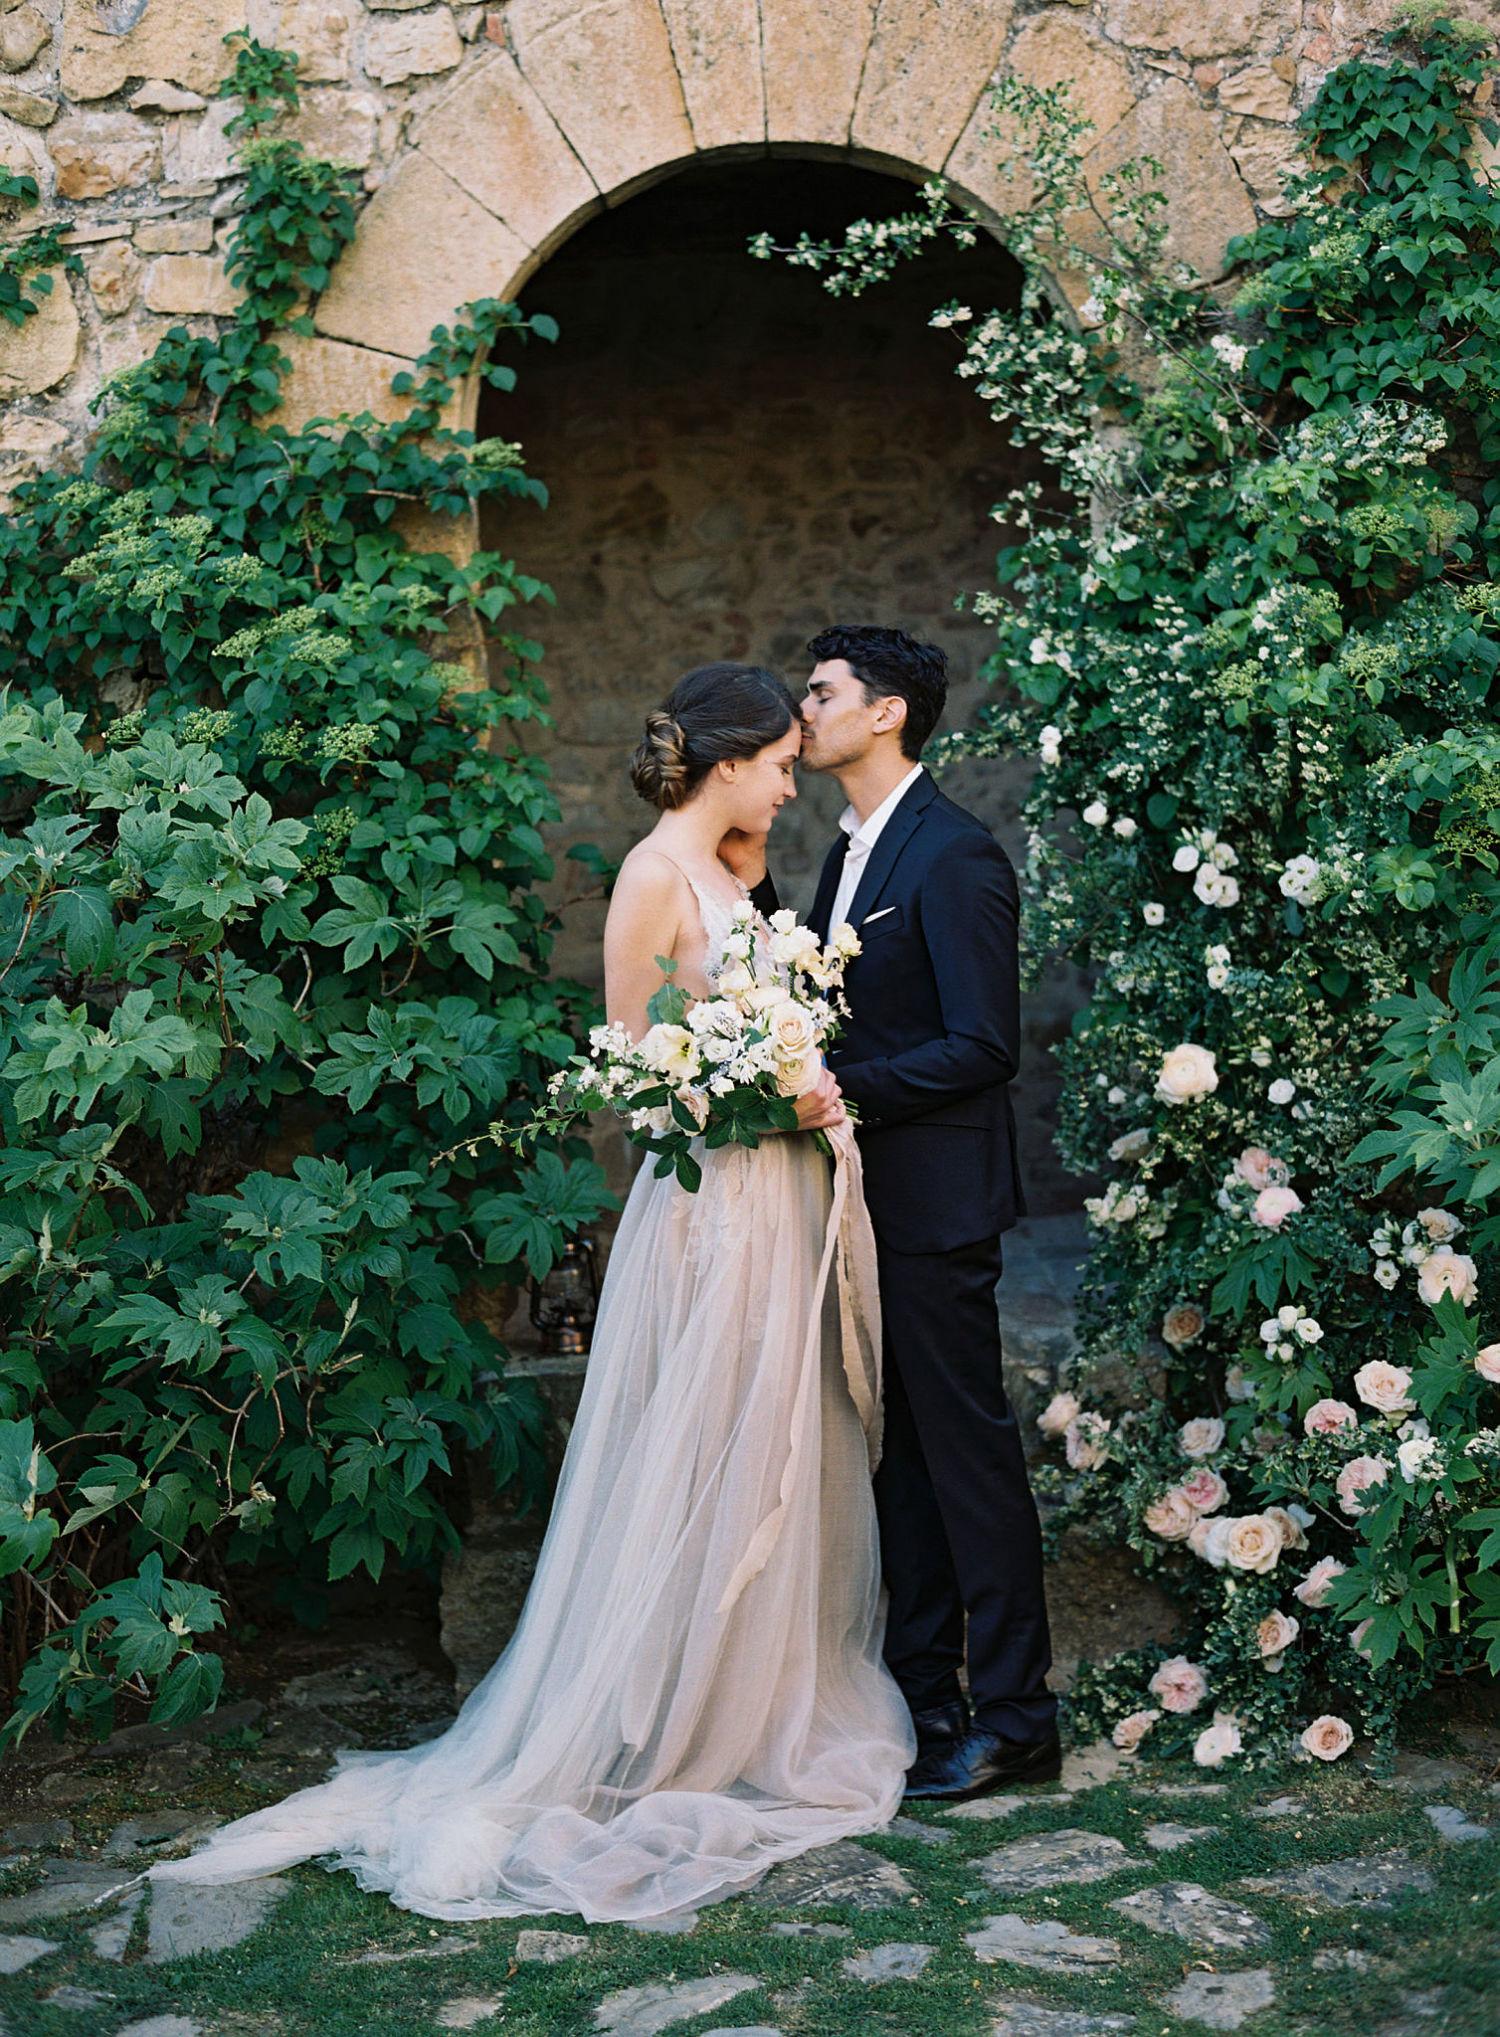 Taylor&Porter_CastilloDeVicarello_ItalyWedding_137b_opt.jpg